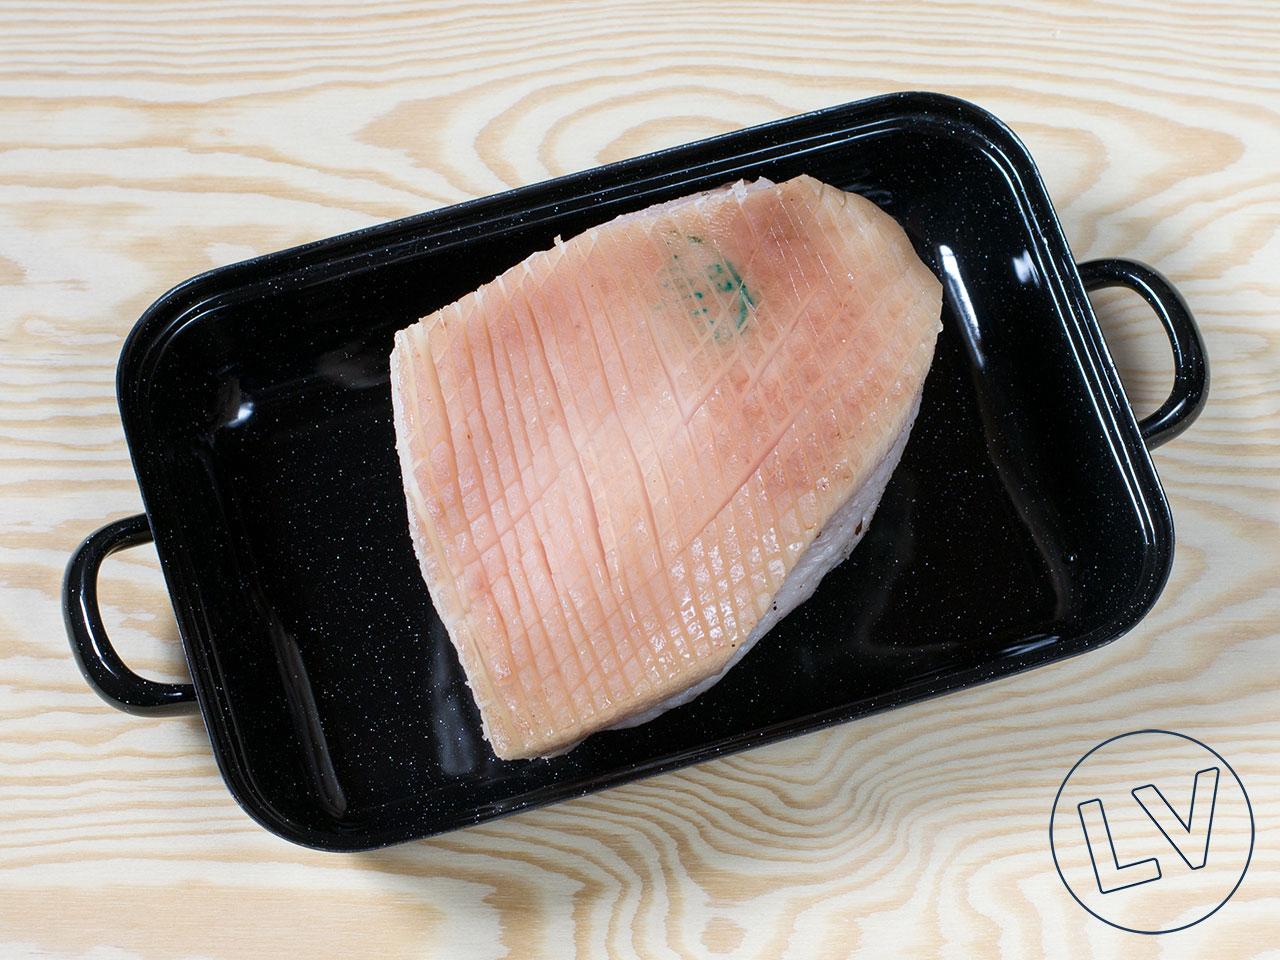 Schwarte mit scharfem Messer einschneiden